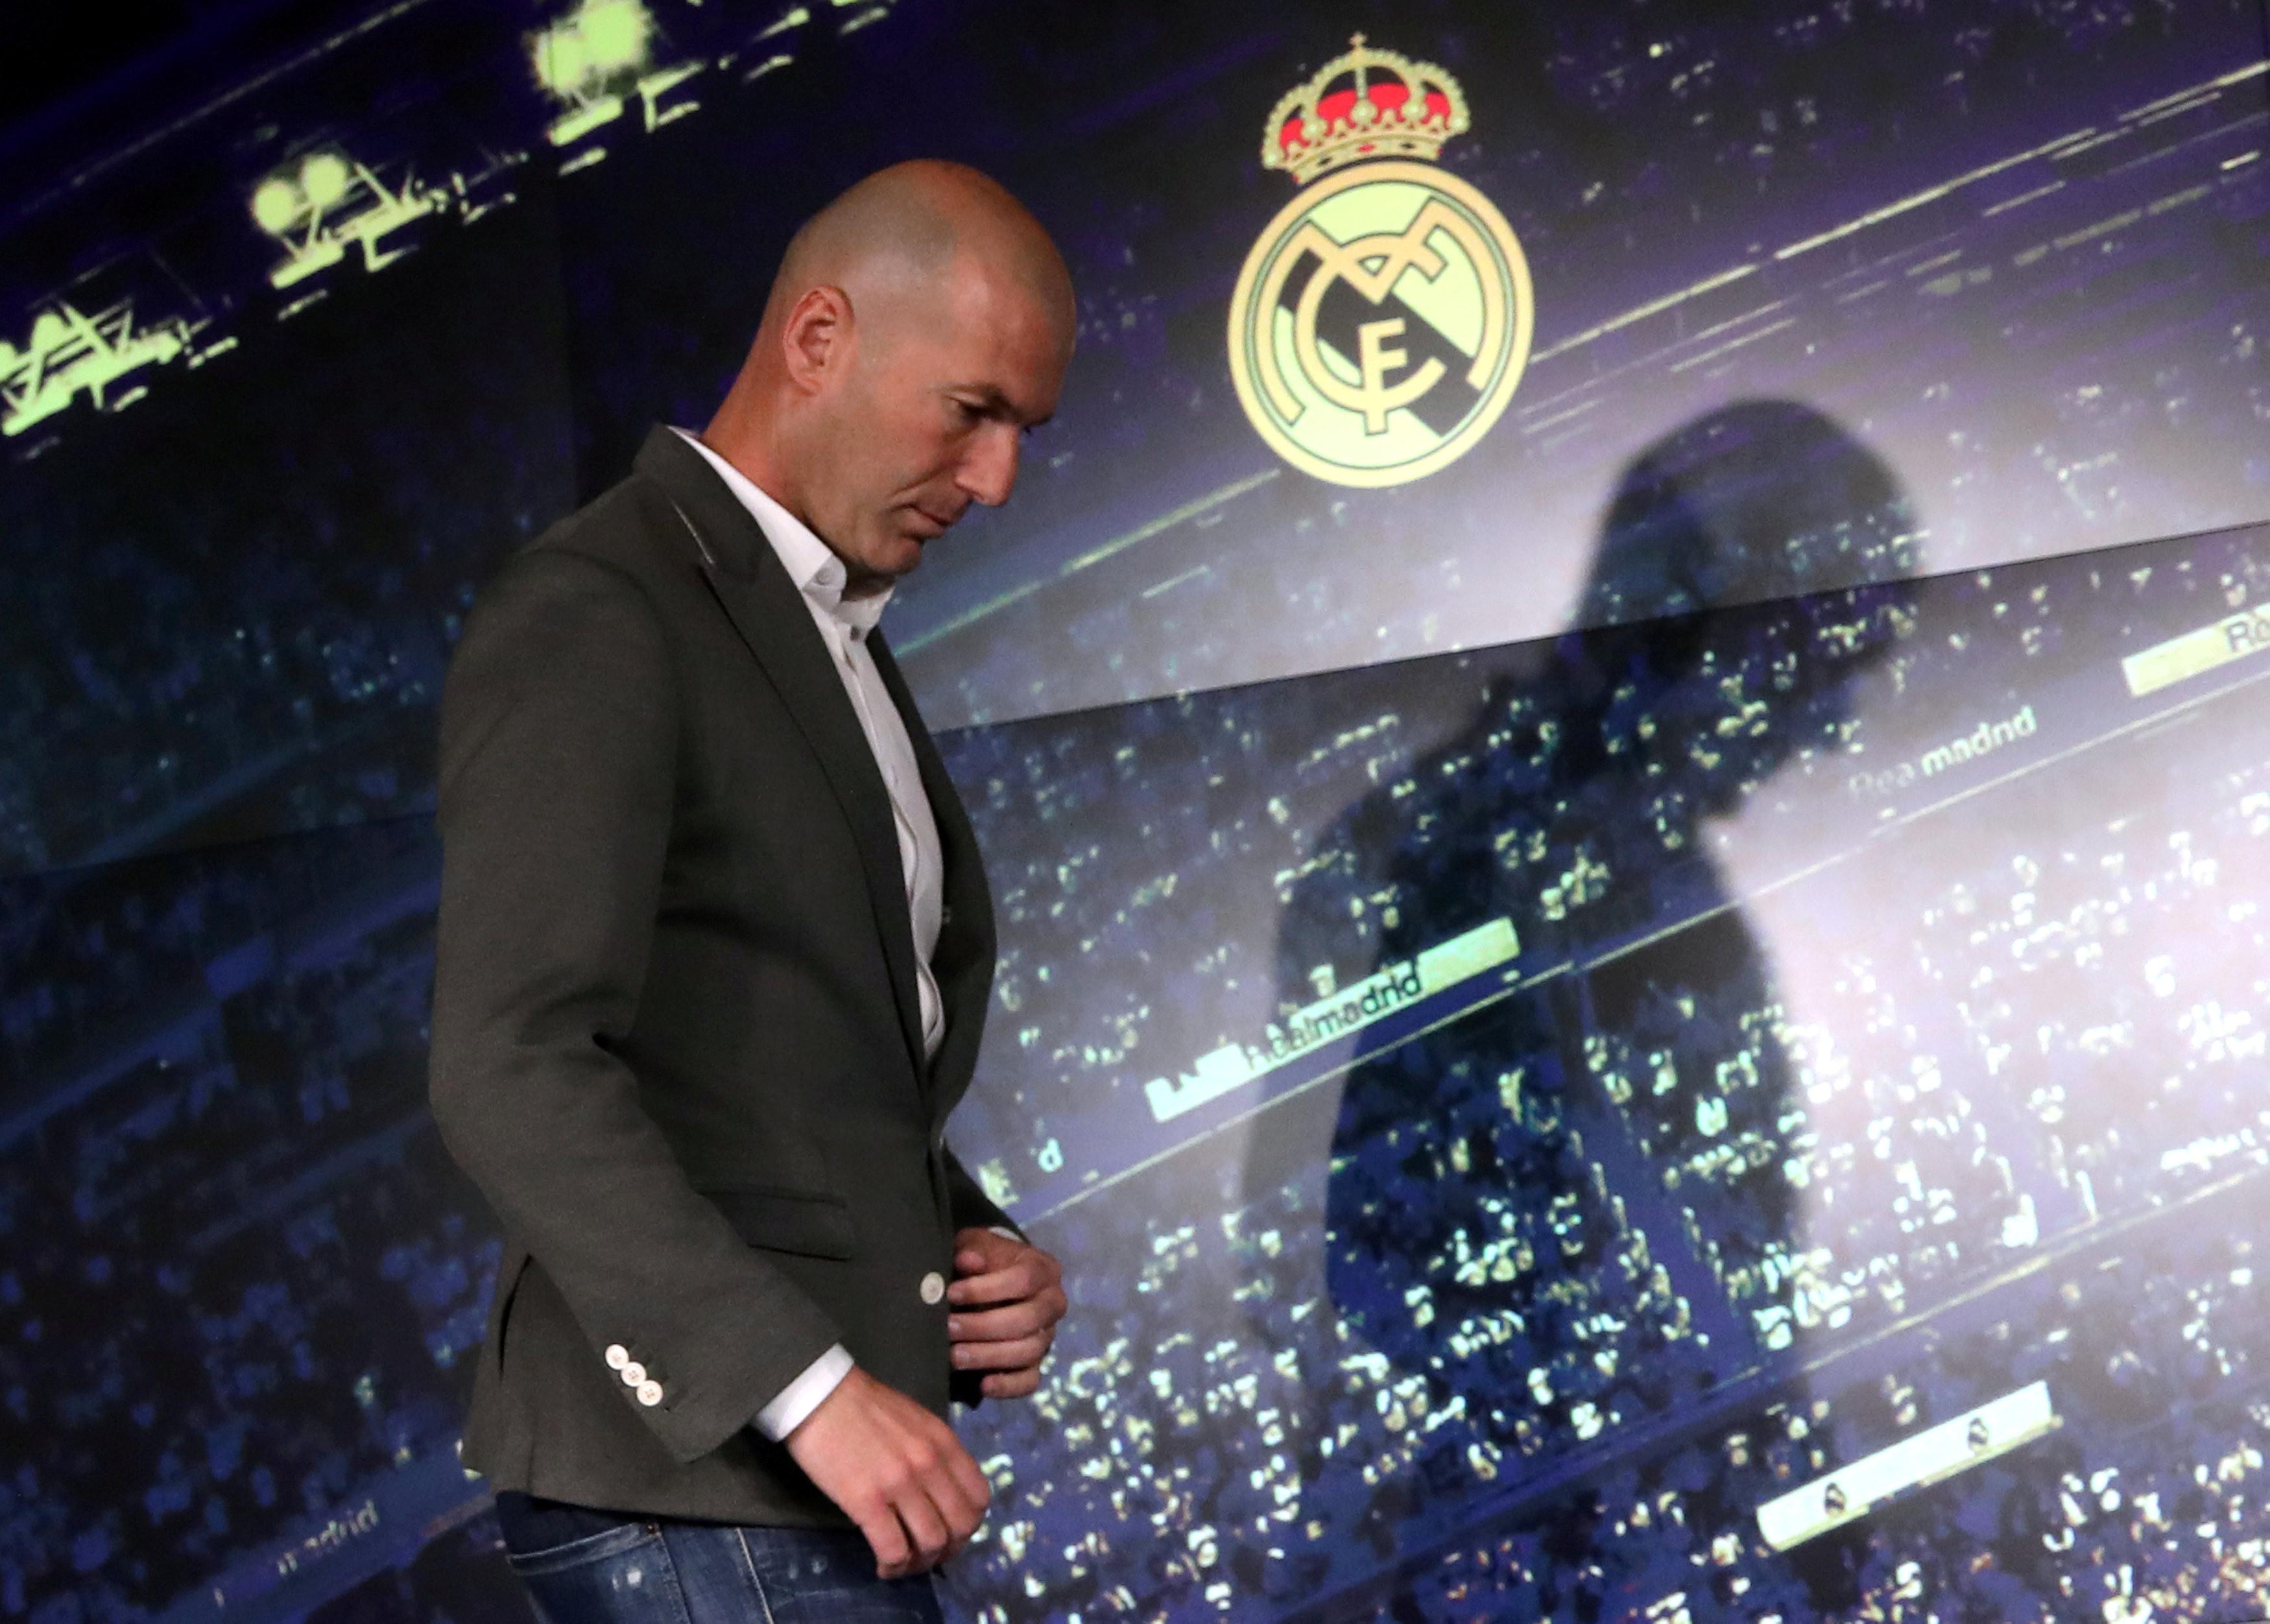 Estilo ou audácia? Zidane arriscou no visual no regresso ao Real Madrid